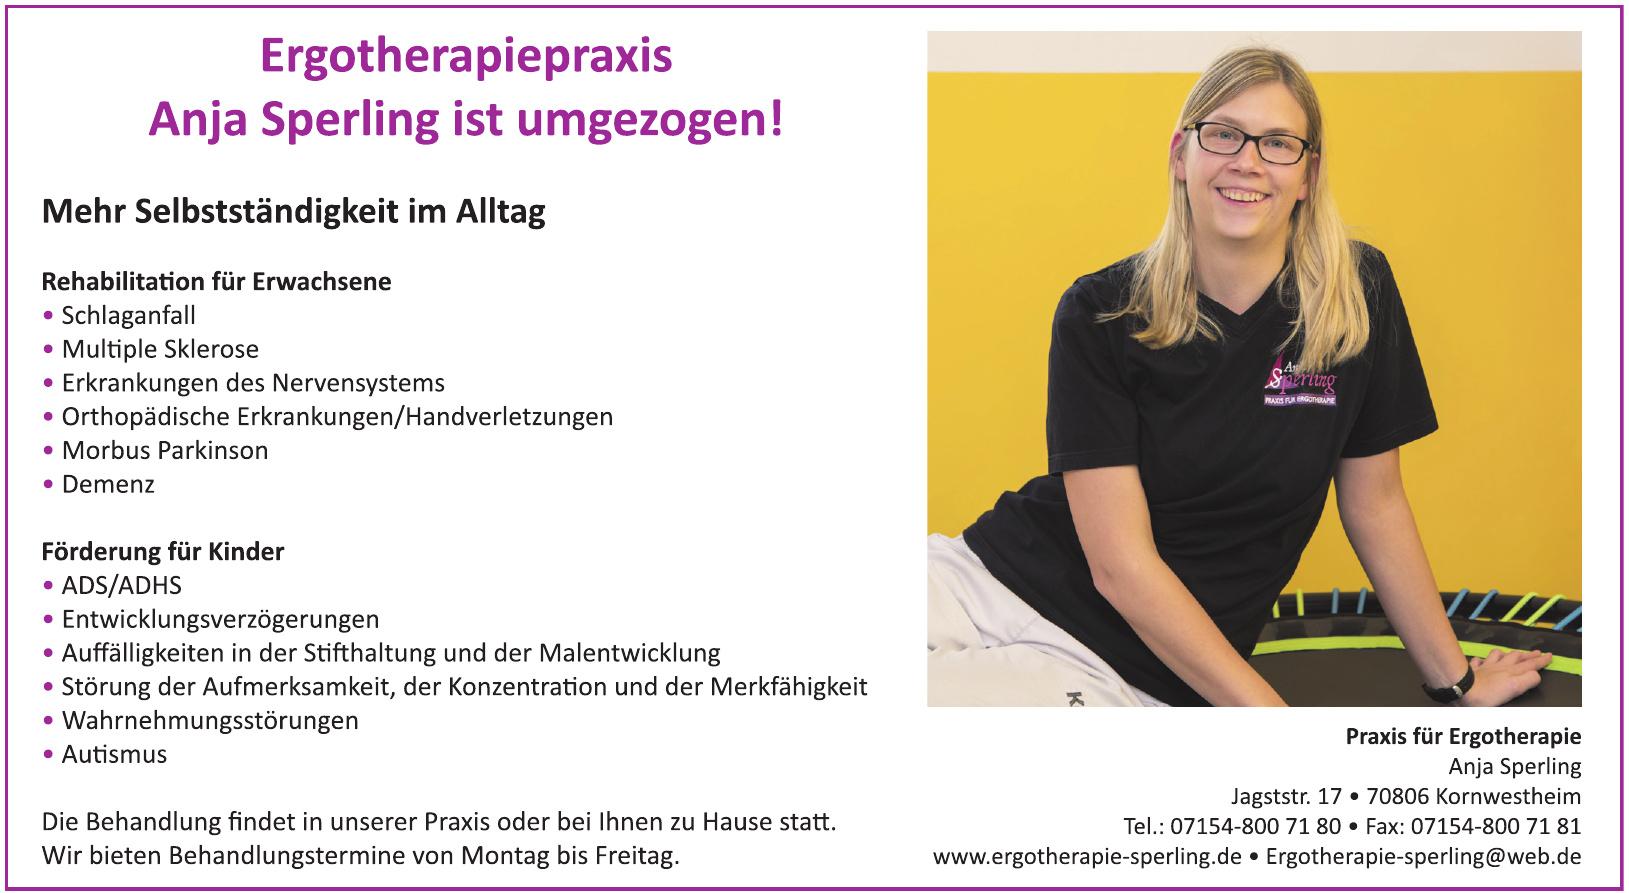 Praxis für Ergotherapie Anja Sperling